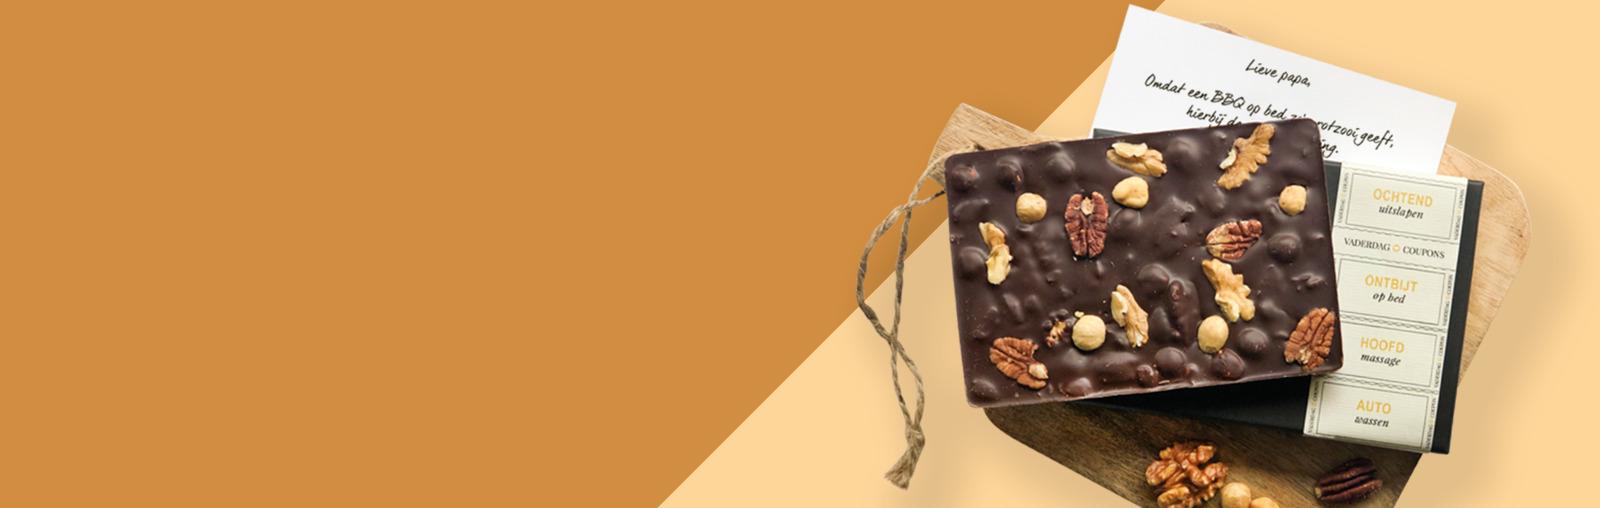 Gepersonaliseerde chocolade cadeaus laten bezorgen en versturen per post voor Vaderdag